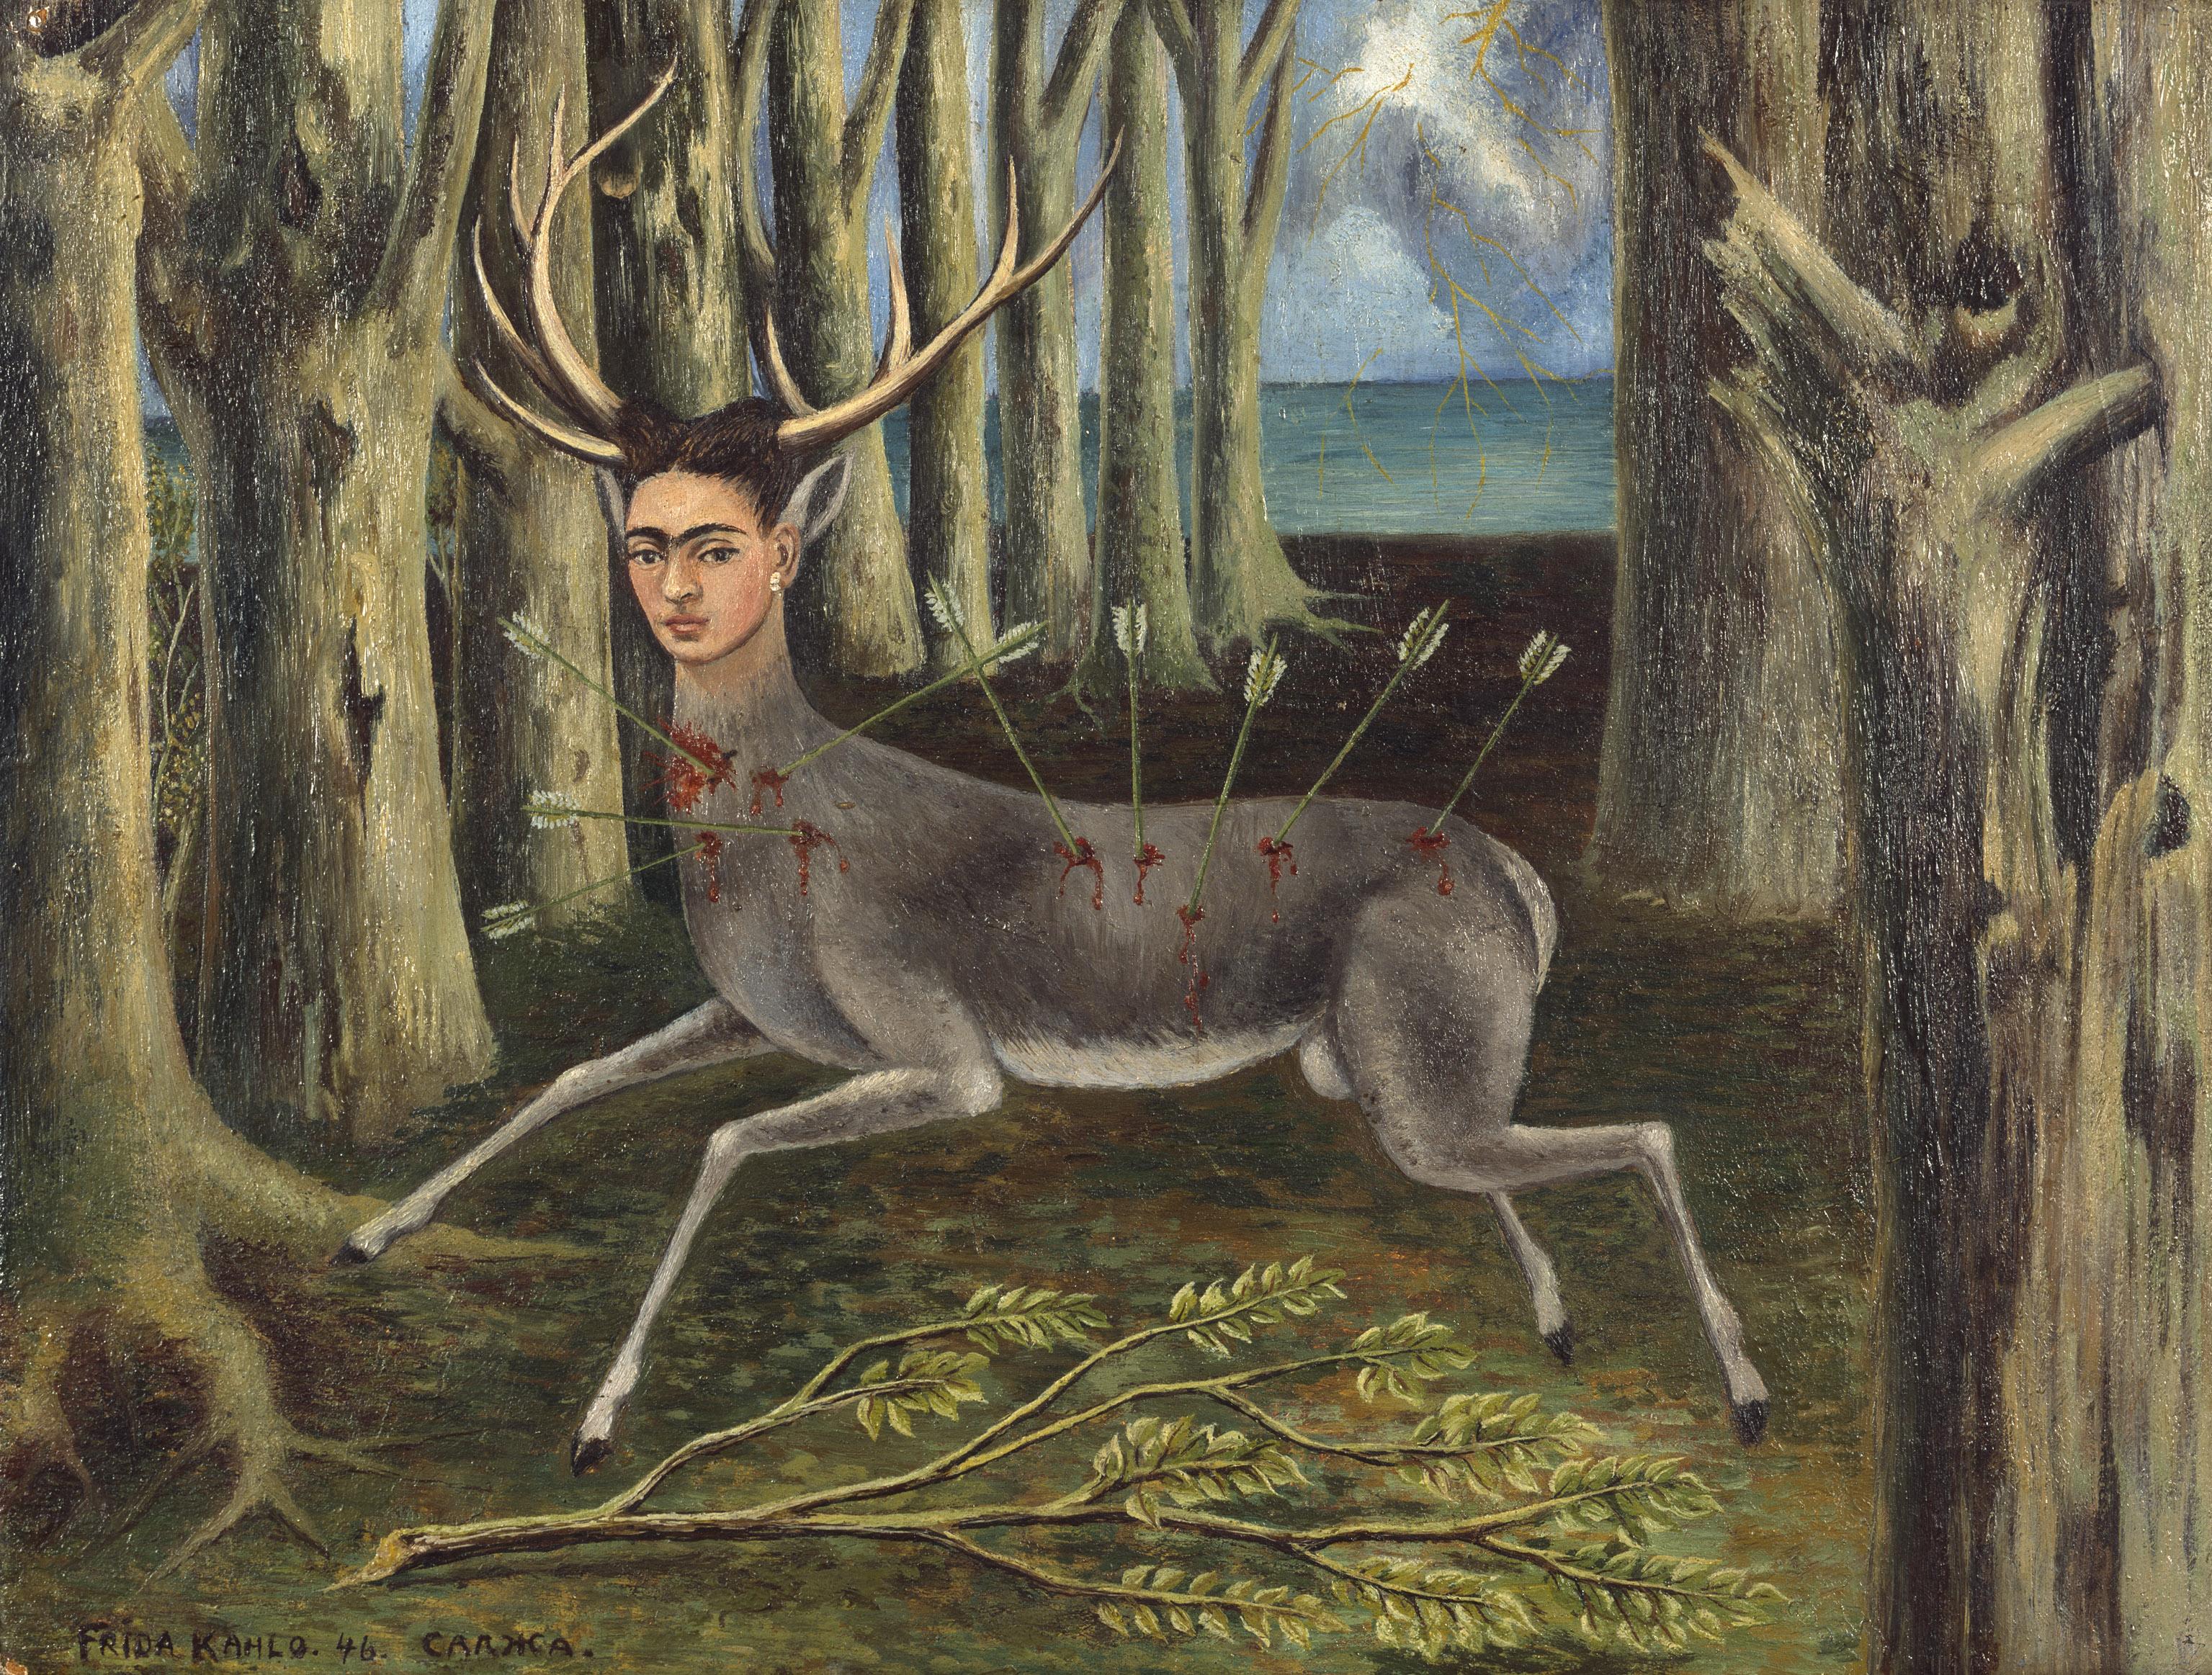 Frida Kahlo (1907–1954) Der kleine Hirsch, 1946 Öl auf Hartfaser , 22,5 x 30,2 cm Privatbesitz © Banco de Mexicó, Diego Rivera Frida Kahlo Museums Trust / VG Bild-Kunst, Bonn 2016